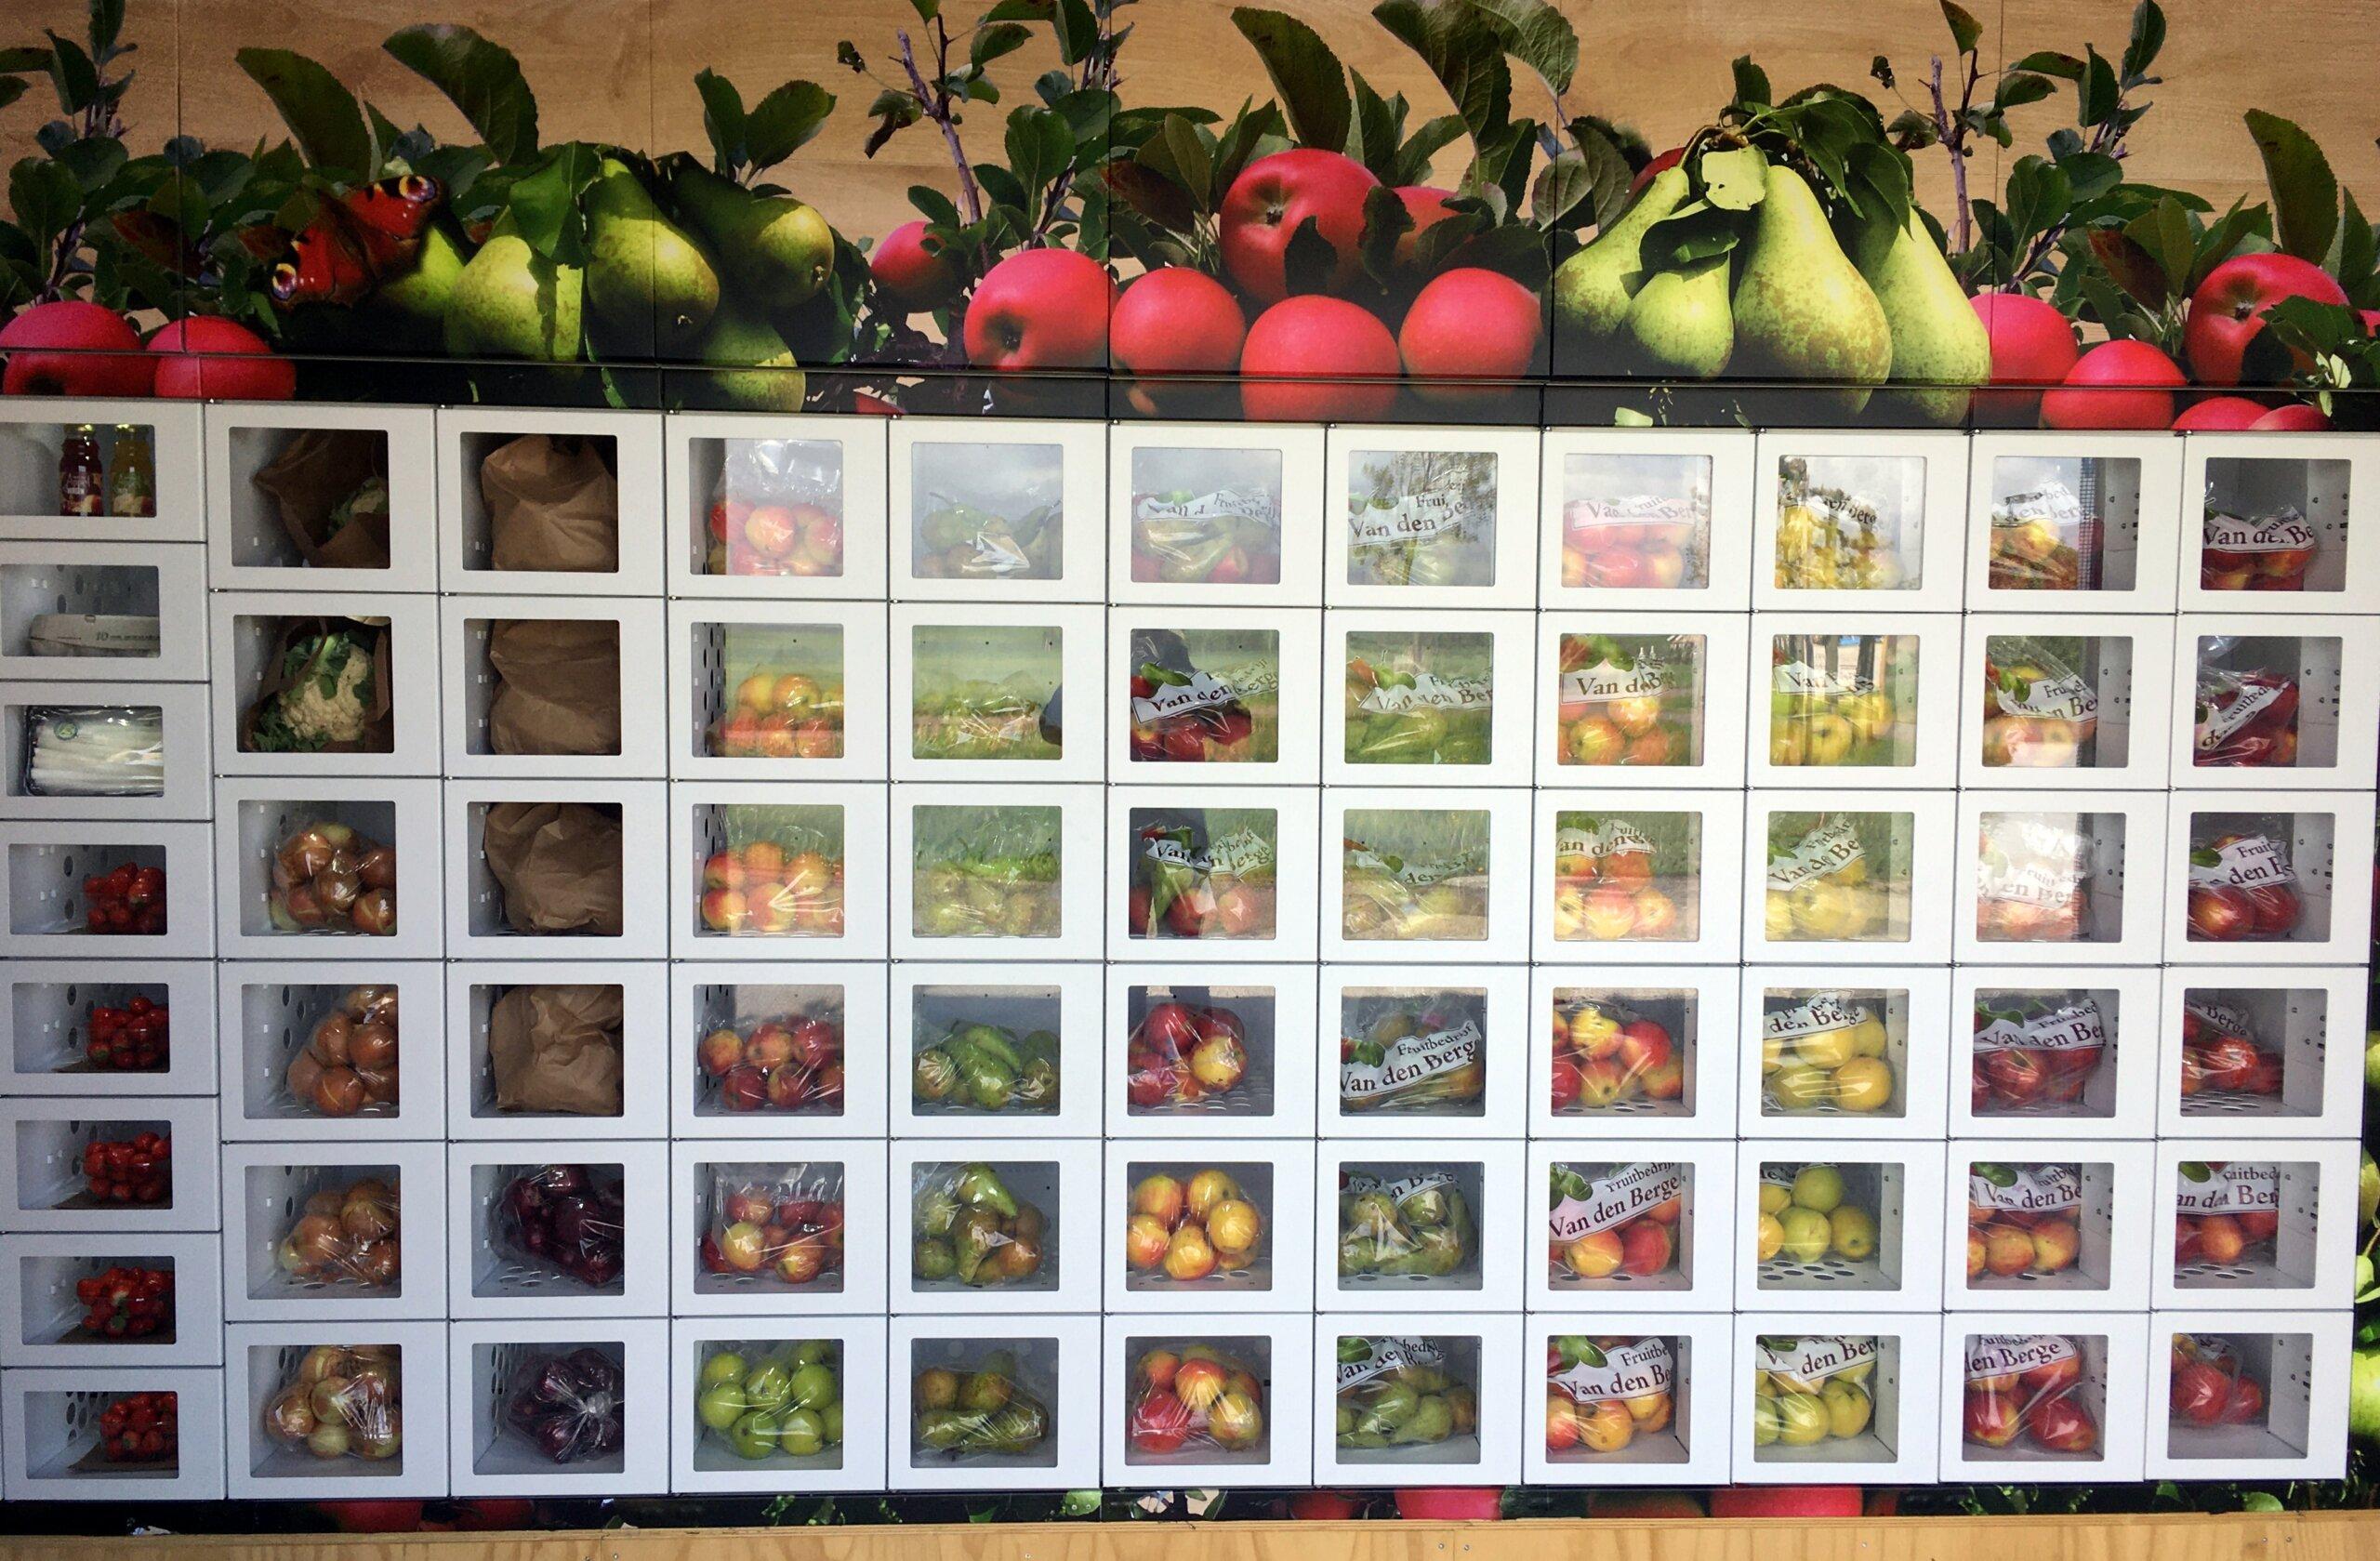 Fruitbedrijf Van den Berge Boerderijautomaat